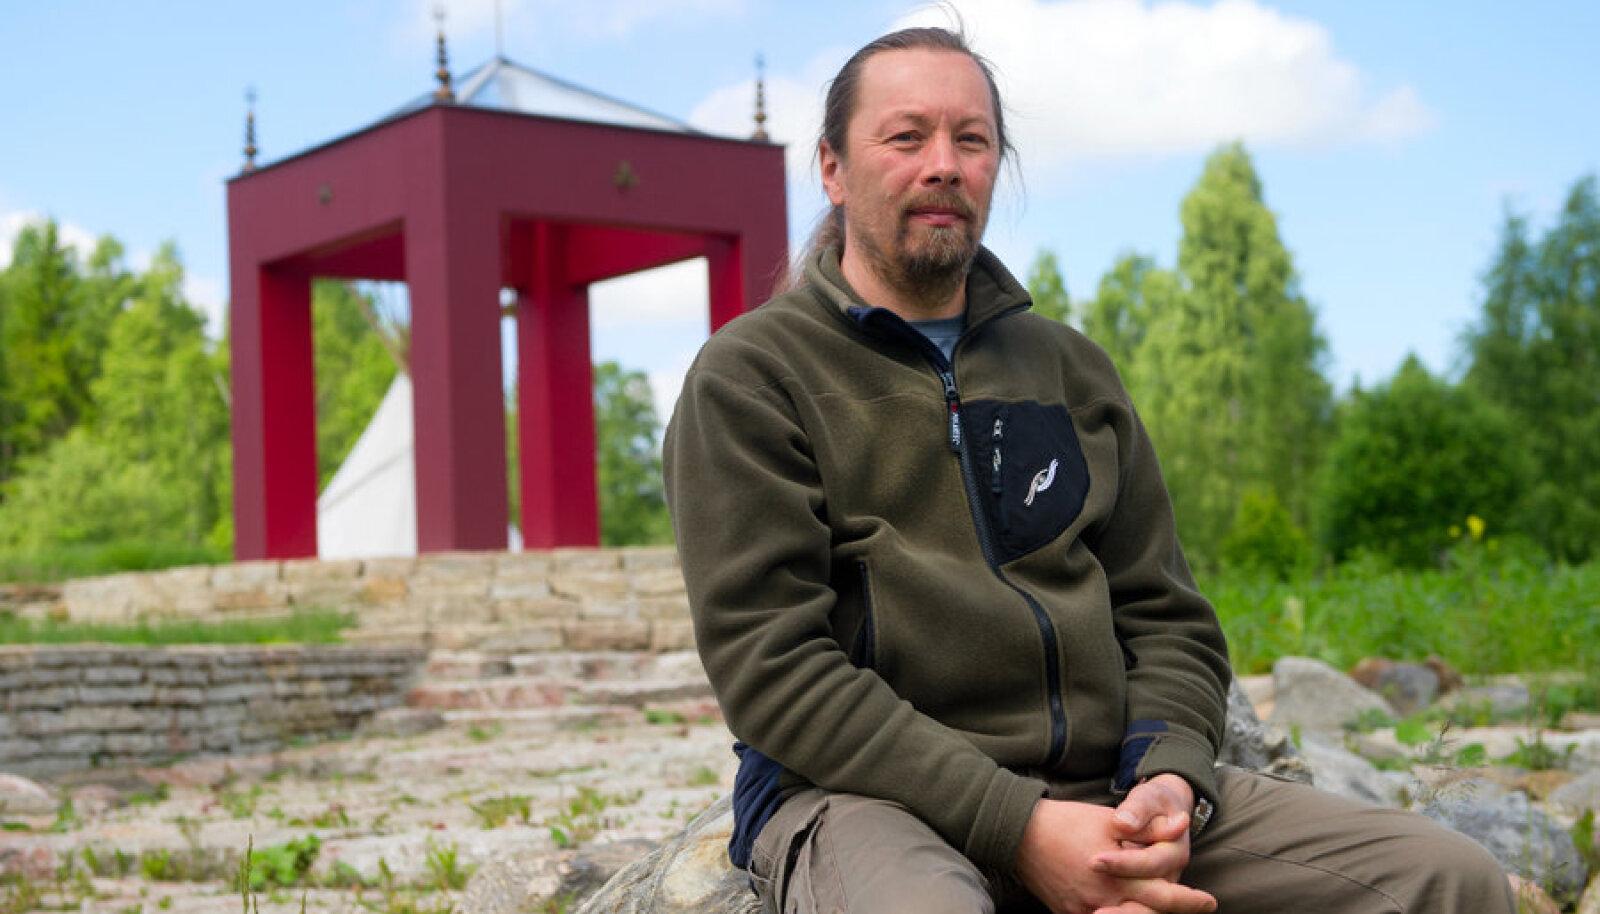 ELU ON LILL: Lilleoru õppekeskuse vaimne juht Ingvar Villido Elulille pargi veerel.